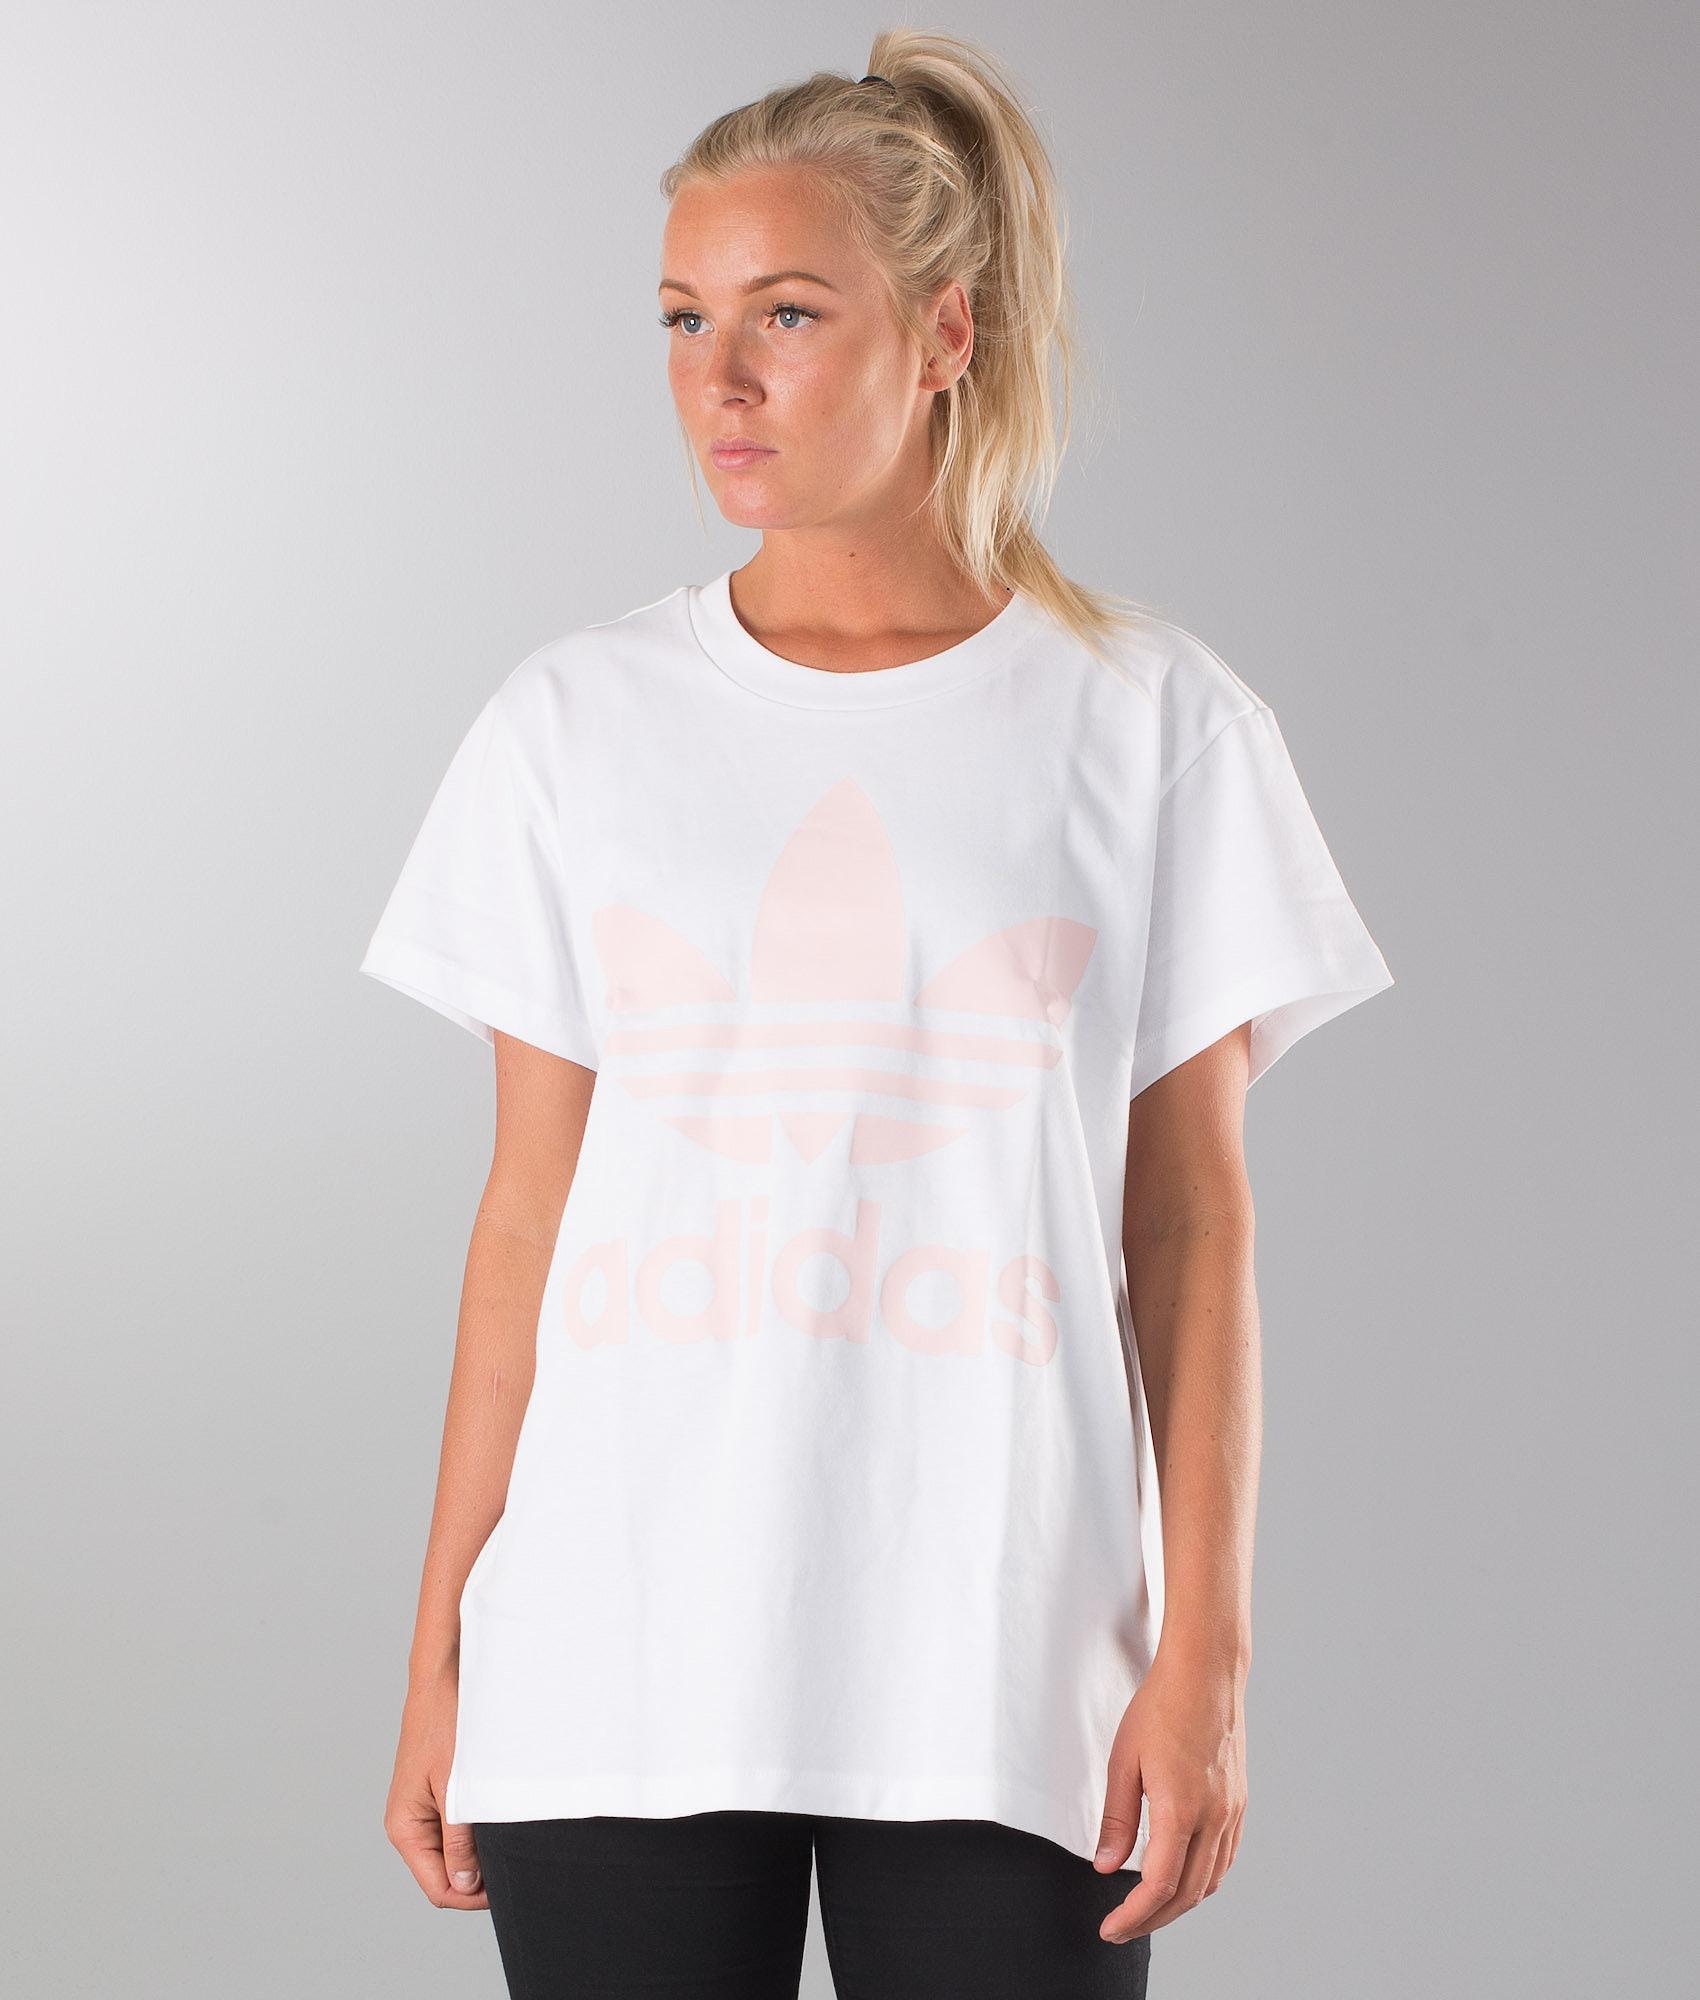 63627a1bf60c Adidas Originals Big Trefoil T-shirt White Ice Pink - Ridestore.com